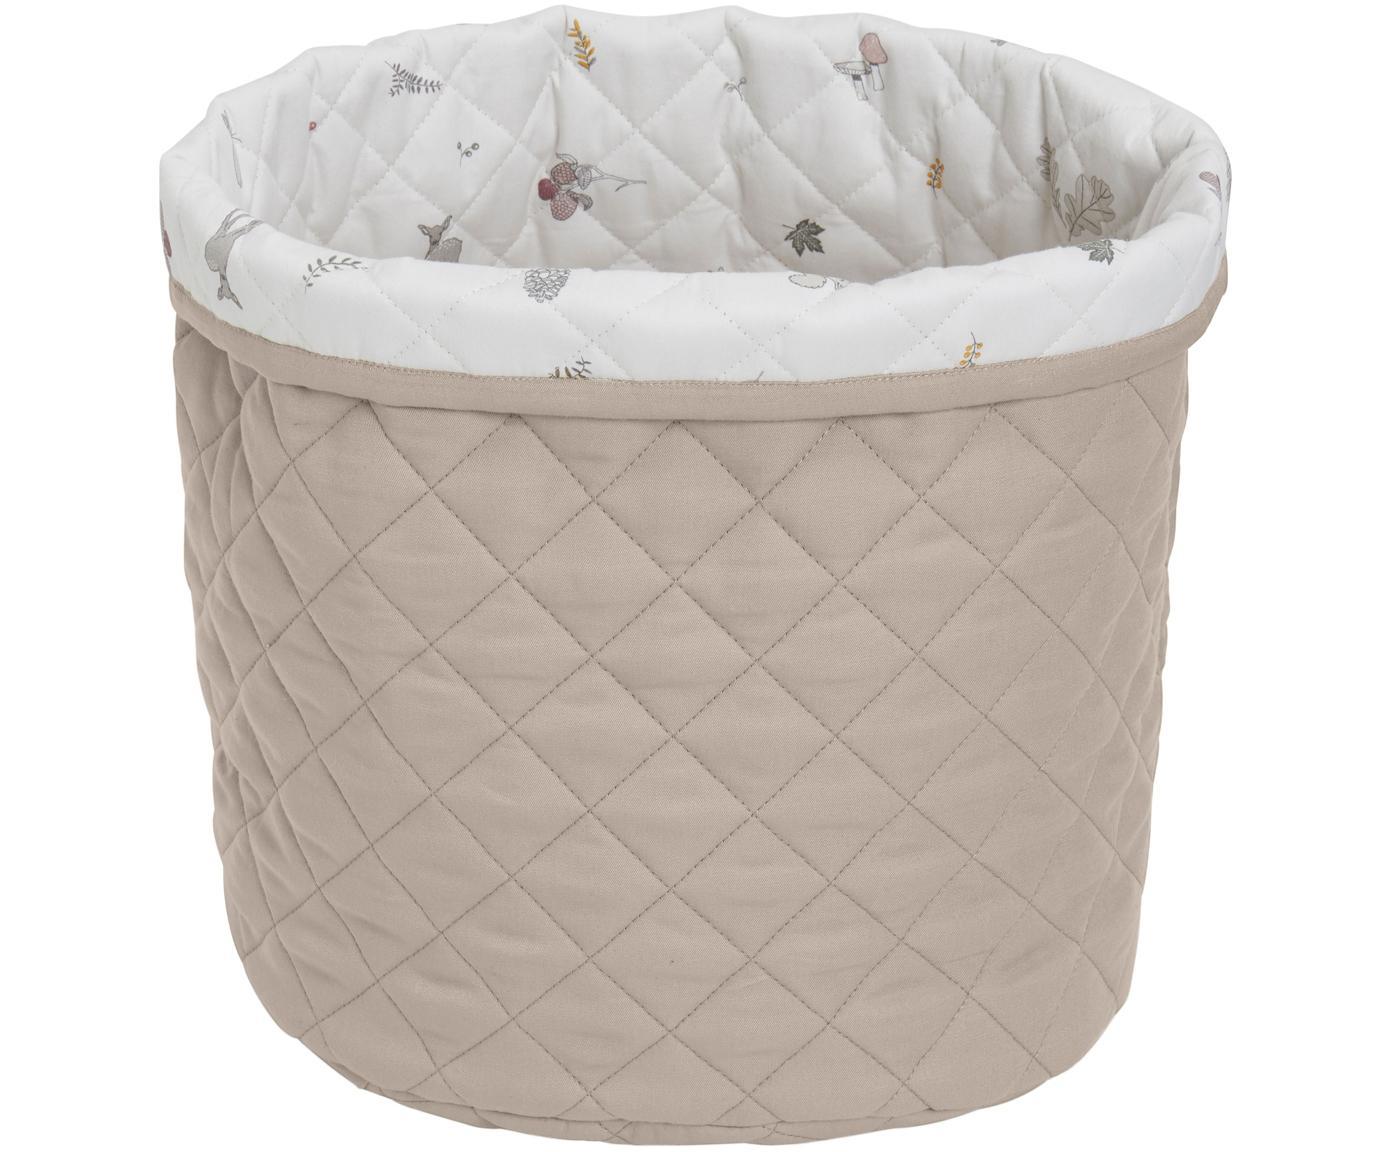 Aufbewahrungskorb Fawn aus Bio-Baumwolle, Bezug: Bio-Baumwolle, Weiß, Braun, Beige, Ø 30 x H 33 cm